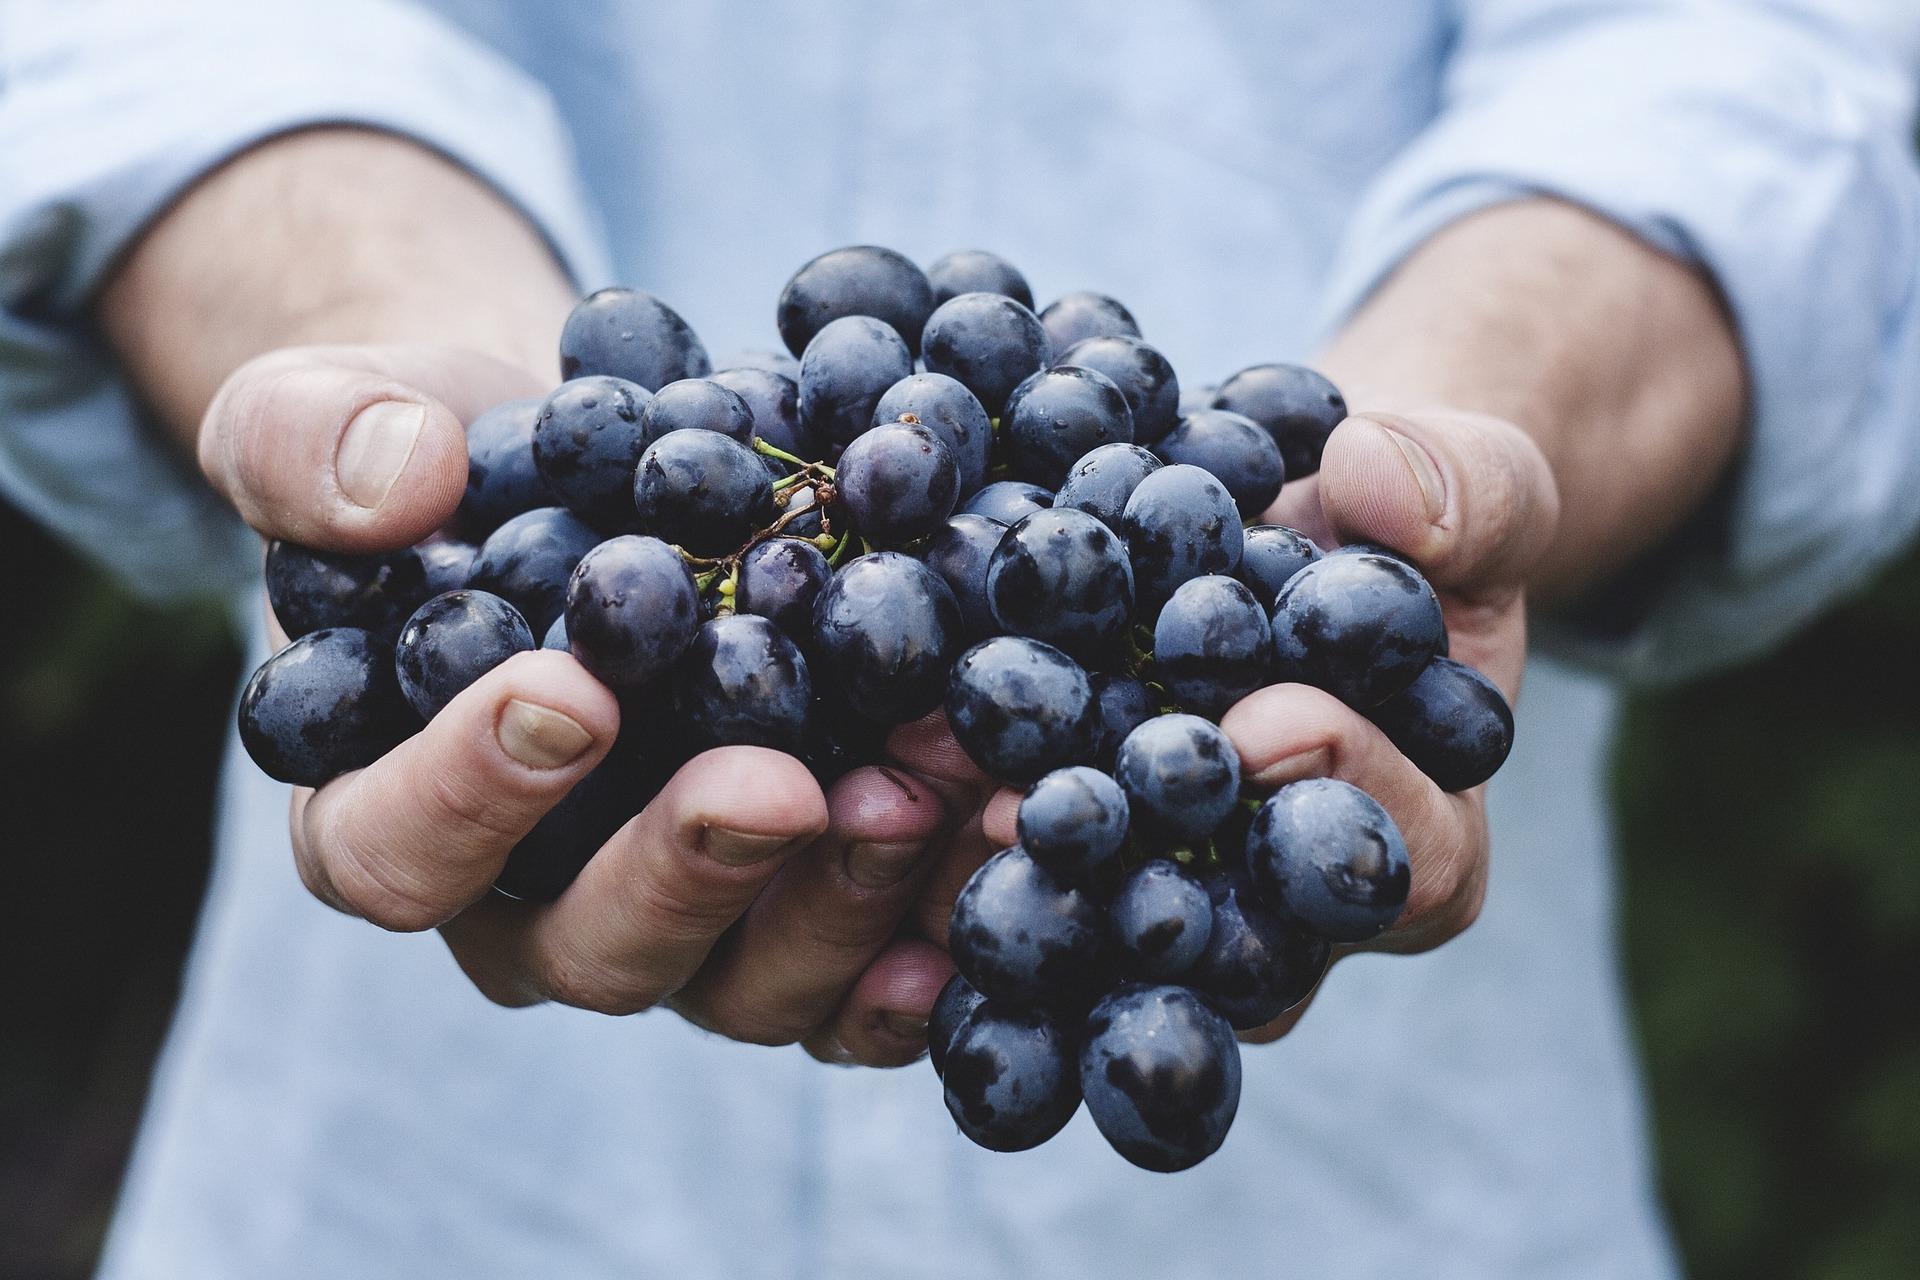 Kurz & knapp: Darum ist eine pflanzliche Ernährung die Gesündeste